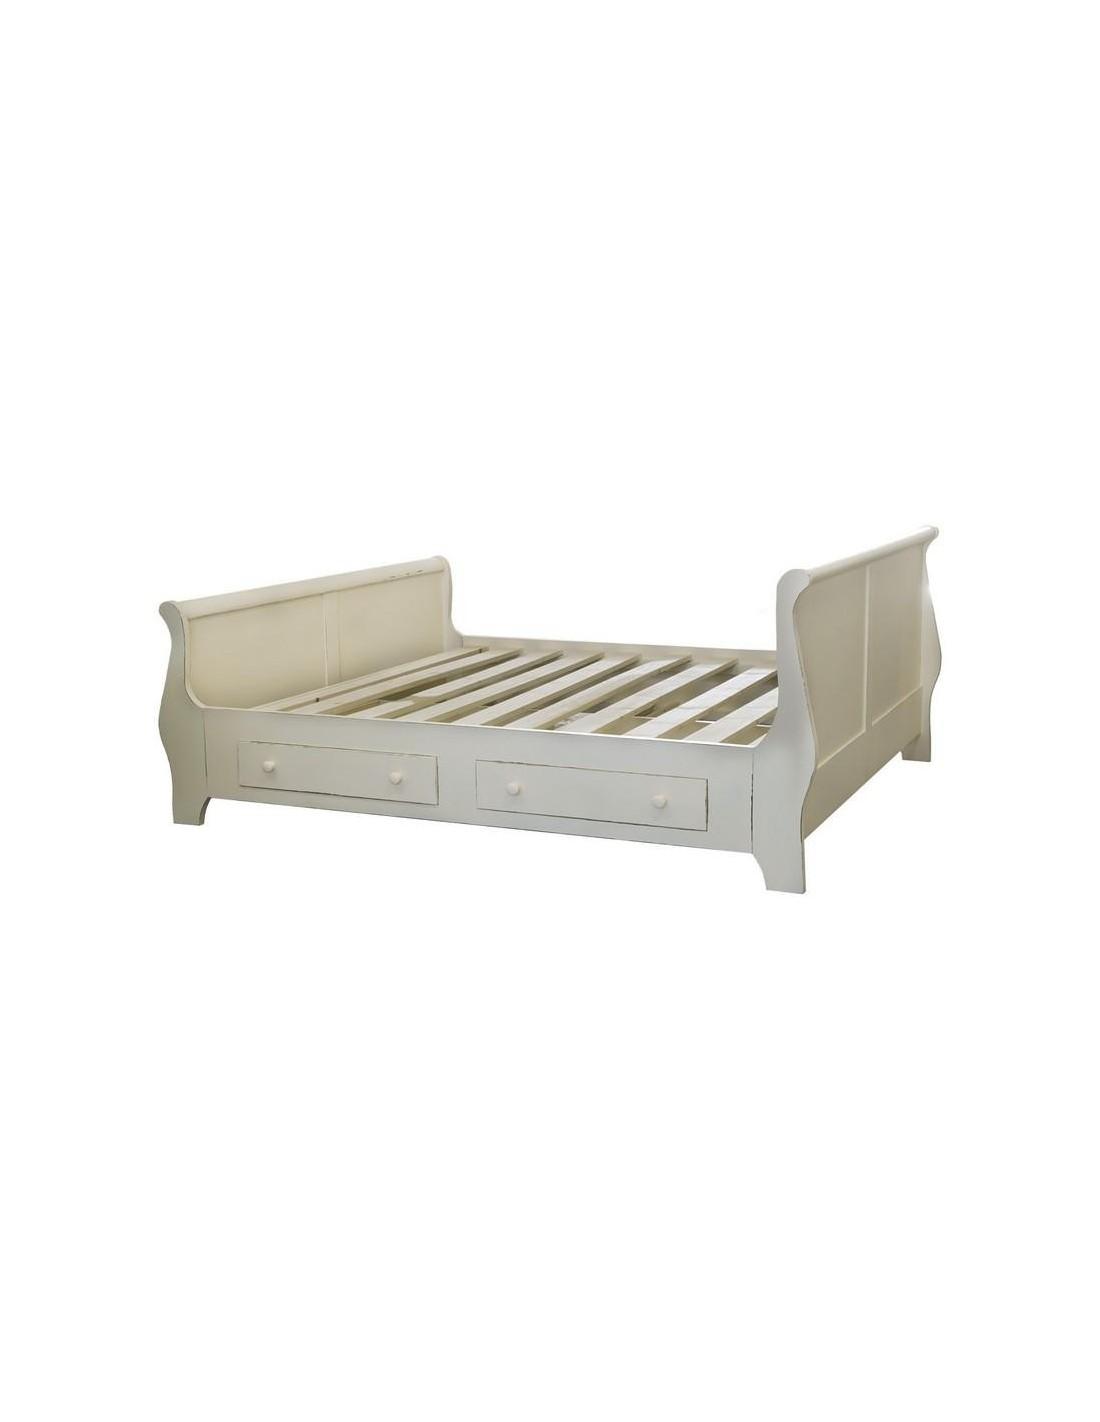 Letto a barca matrimoniale in legno stile provenzale ms0612s 160200 mobili shabby eu by orissa - Letto matrimoniale con cassetti ...